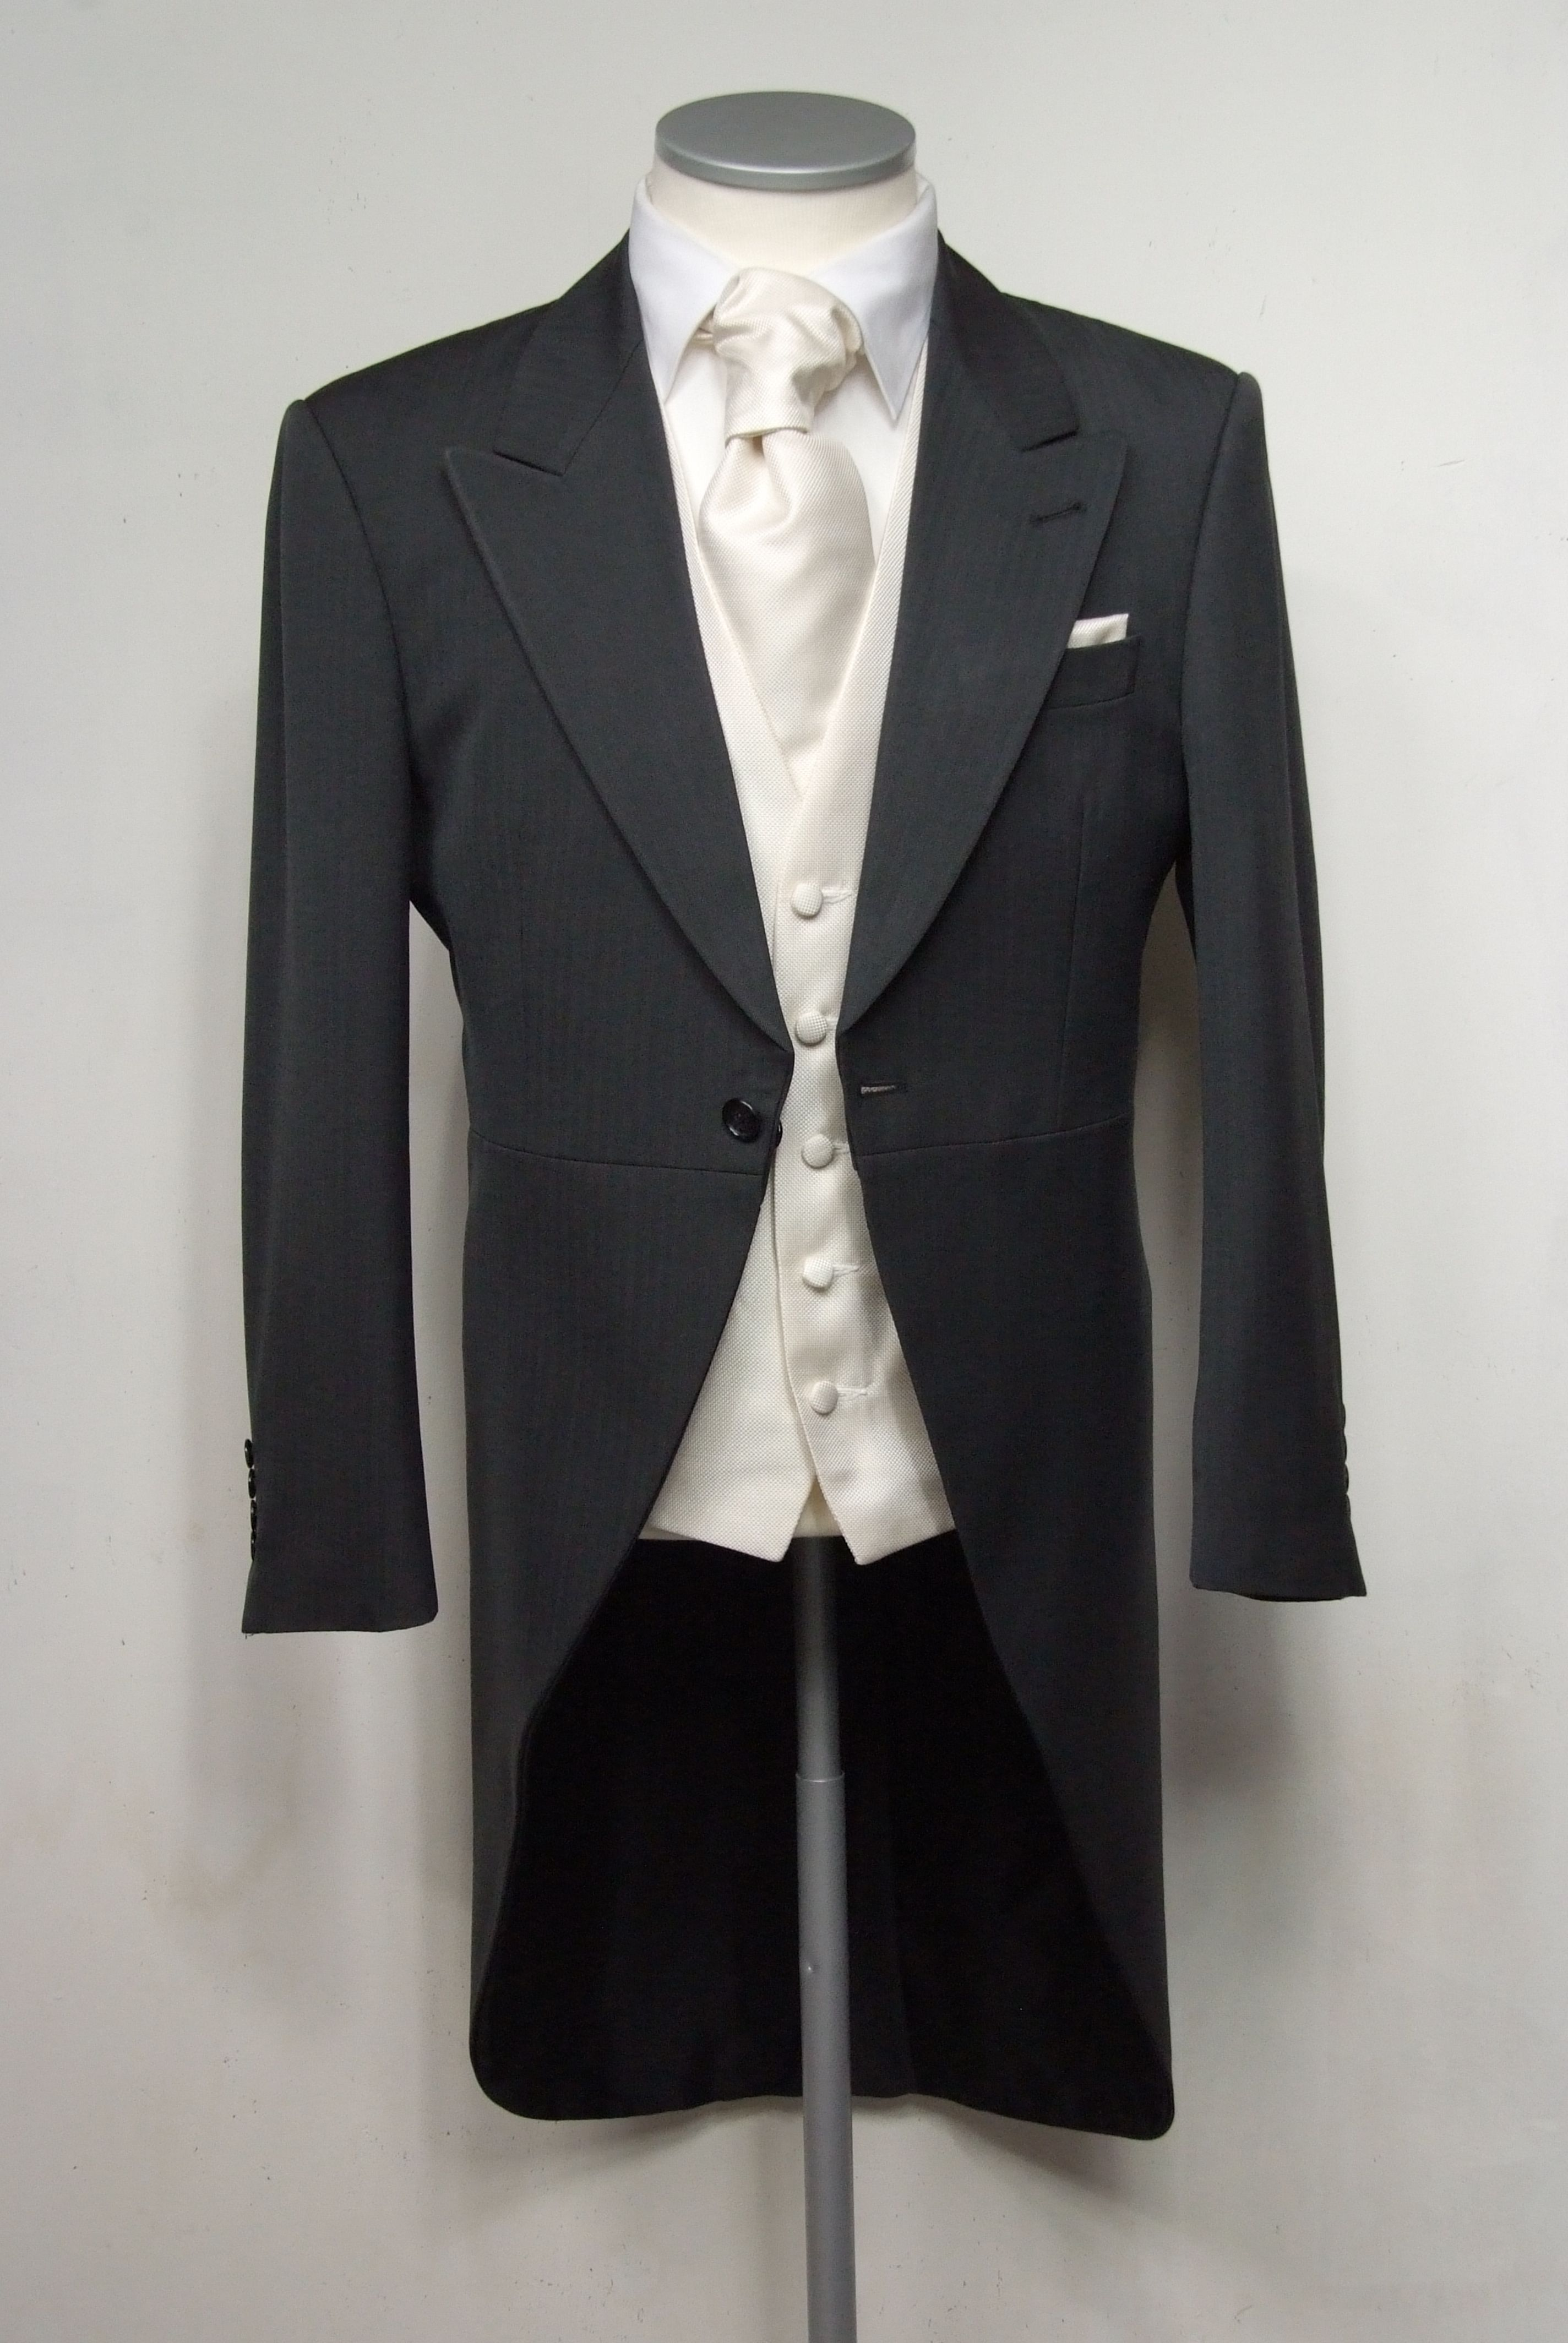 ca0bf841 groom wedding suit tails grey Charcoal grey herringbone grooms ...